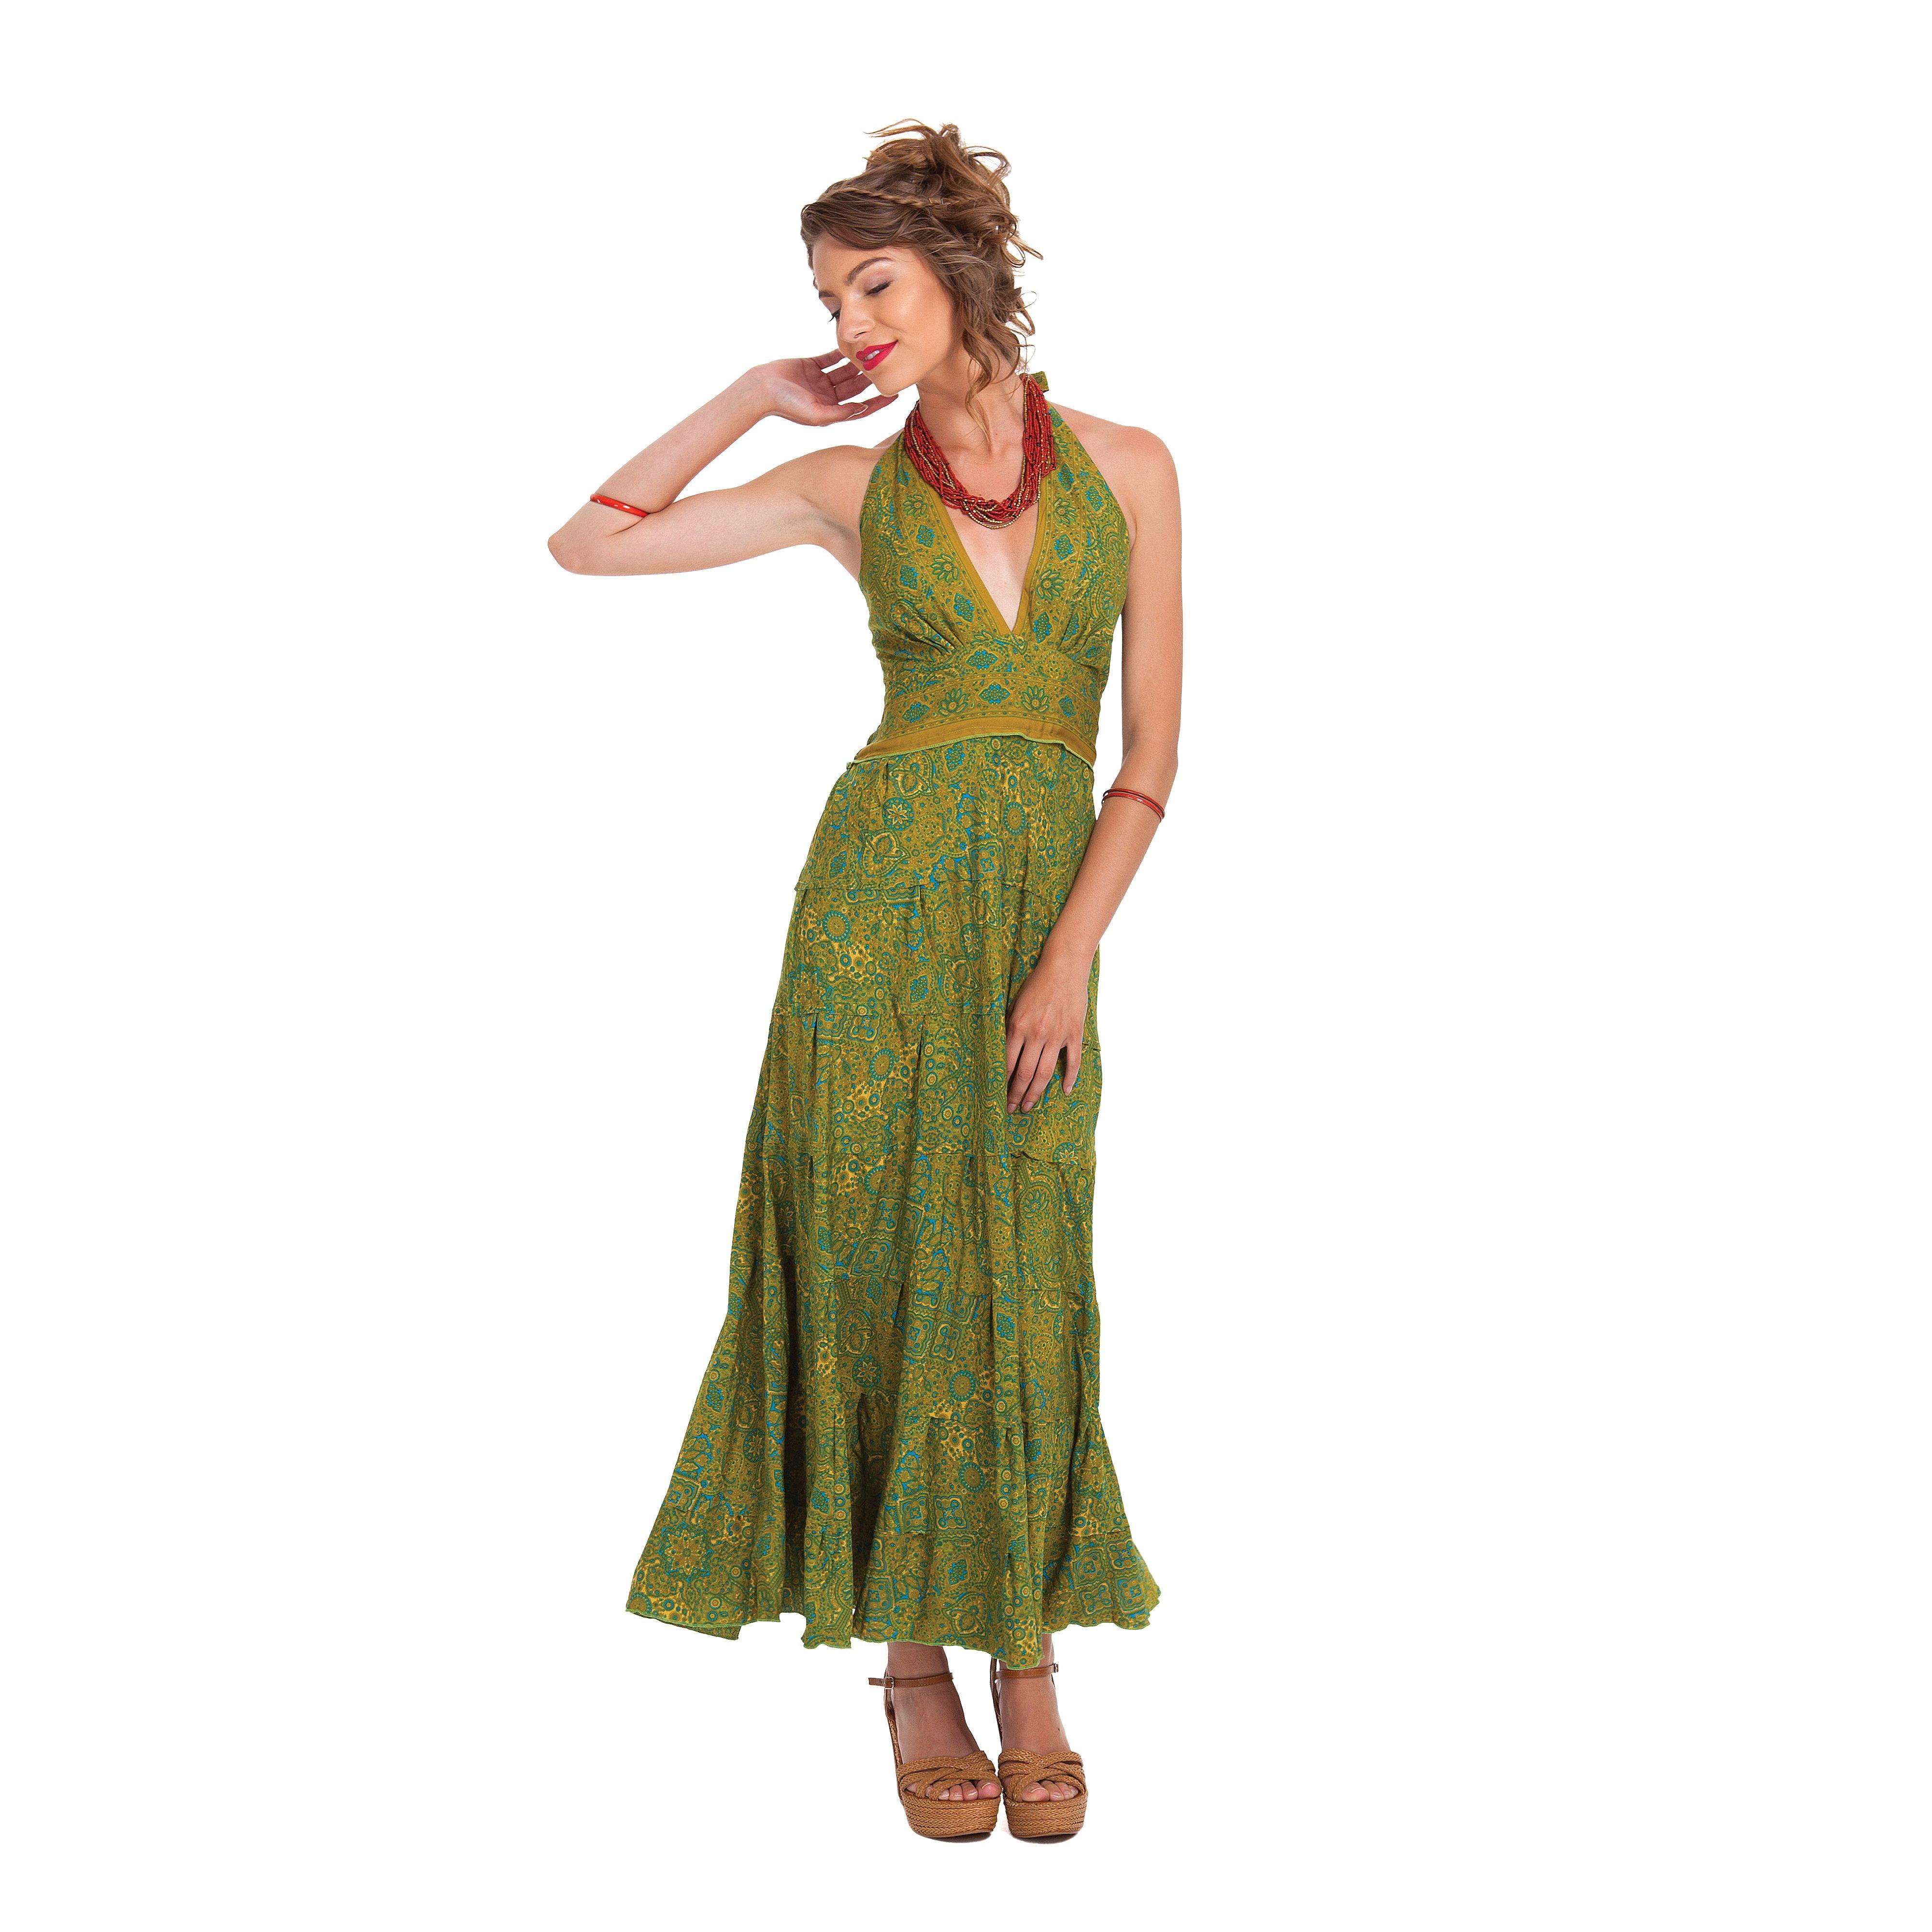 Robe Longue D Ete Verte A Tour De Cou Originale Et Coloree Lasmy Robe Longue Robe Cache Cou